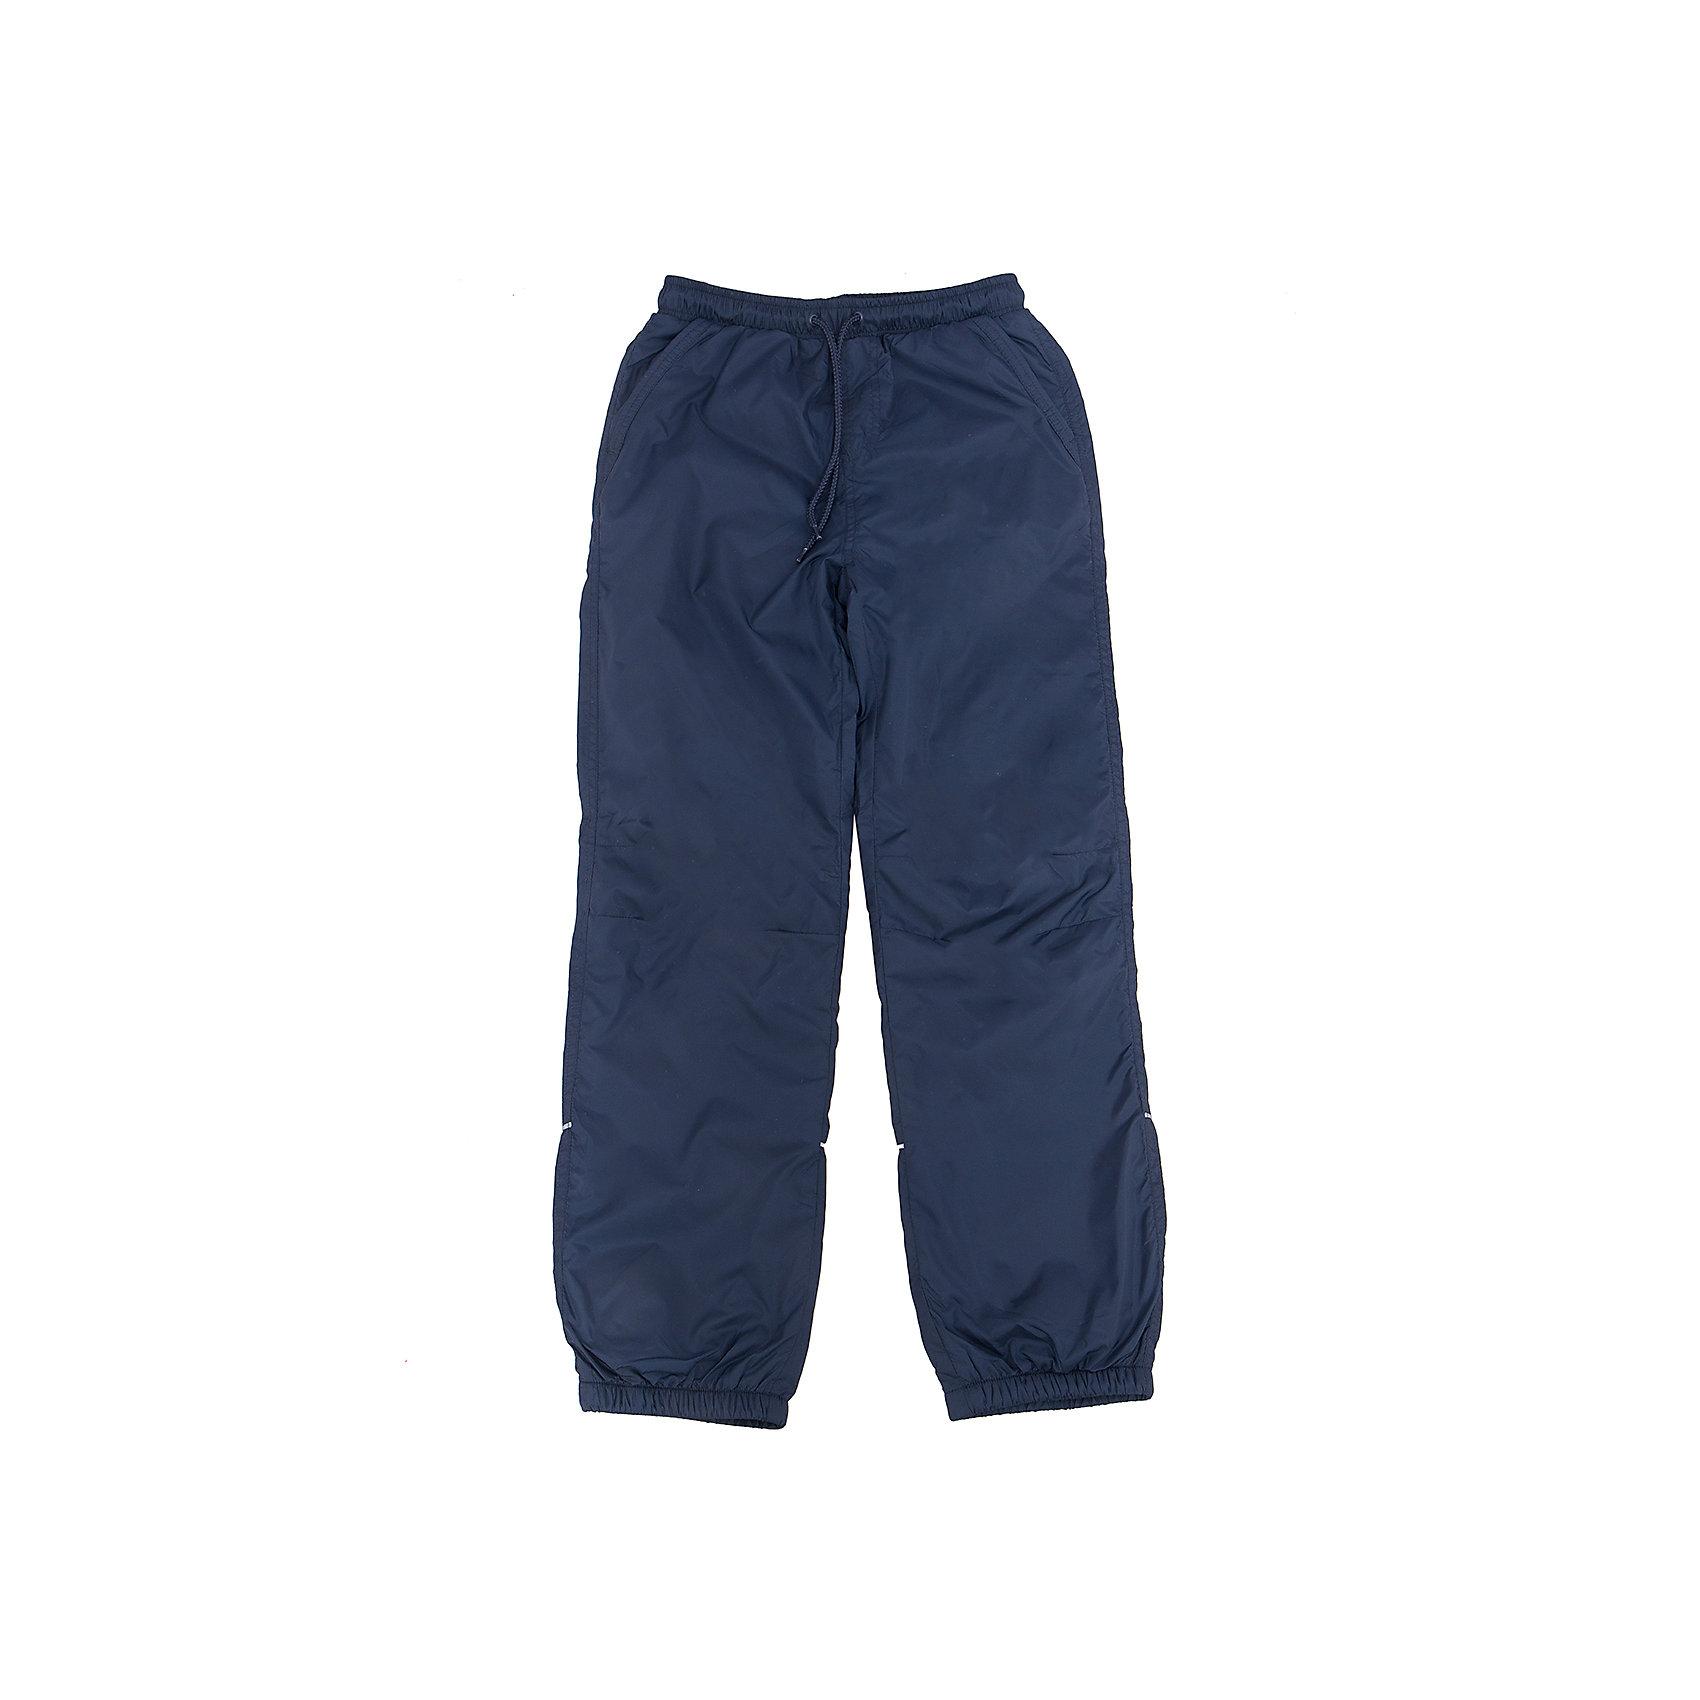 Брюки для мальчика SELAСпортивная одежда<br>Характеристики товара:<br><br>• цвет: тёмно-синий<br>• состав: верх: 100% полиэстер, подкладка: 100% полиэстер<br>• температурный режим: от +5° до +15°С<br>• подкладка флис<br>• спортивный стиль<br>• имитация ширинки<br>• светоотражающие детали<br>• два втачных кармана<br>• сзади два накладных кармана на кнопке<br>• пояс: мягкая резинка со шнурком<br>• коллекция весна-лето 2017<br>• страна бренда: Российская Федерация<br><br>Вещи из новой коллекции SELA продолжают радовать удобством! Спортивные брюки помогут разнообразить гардероб и обеспечить комфорт. Они отлично сочетаются с майками, футболками, куртками. В составе материала - натуральный хлопок.<br><br>Одежда, обувь и аксессуары от российского бренда SELA не зря пользуются большой популярностью у детей и взрослых! Модели этой марки - стильные и удобные, цена при этом неизменно остается доступной. Для их производства используются только безопасные, качественные материалы и фурнитура. Новая коллекция поддерживает хорошие традиции бренда! <br><br>Брюки для мальчика от популярного бренда SELA (СЕЛА) можно купить в нашем интернет-магазине.<br><br>Ширина мм: 215<br>Глубина мм: 88<br>Высота мм: 191<br>Вес г: 336<br>Цвет: синий<br>Возраст от месяцев: 84<br>Возраст до месяцев: 96<br>Пол: Мужской<br>Возраст: Детский<br>Размер: 128,134,140,146,152,122<br>SKU: 5302680